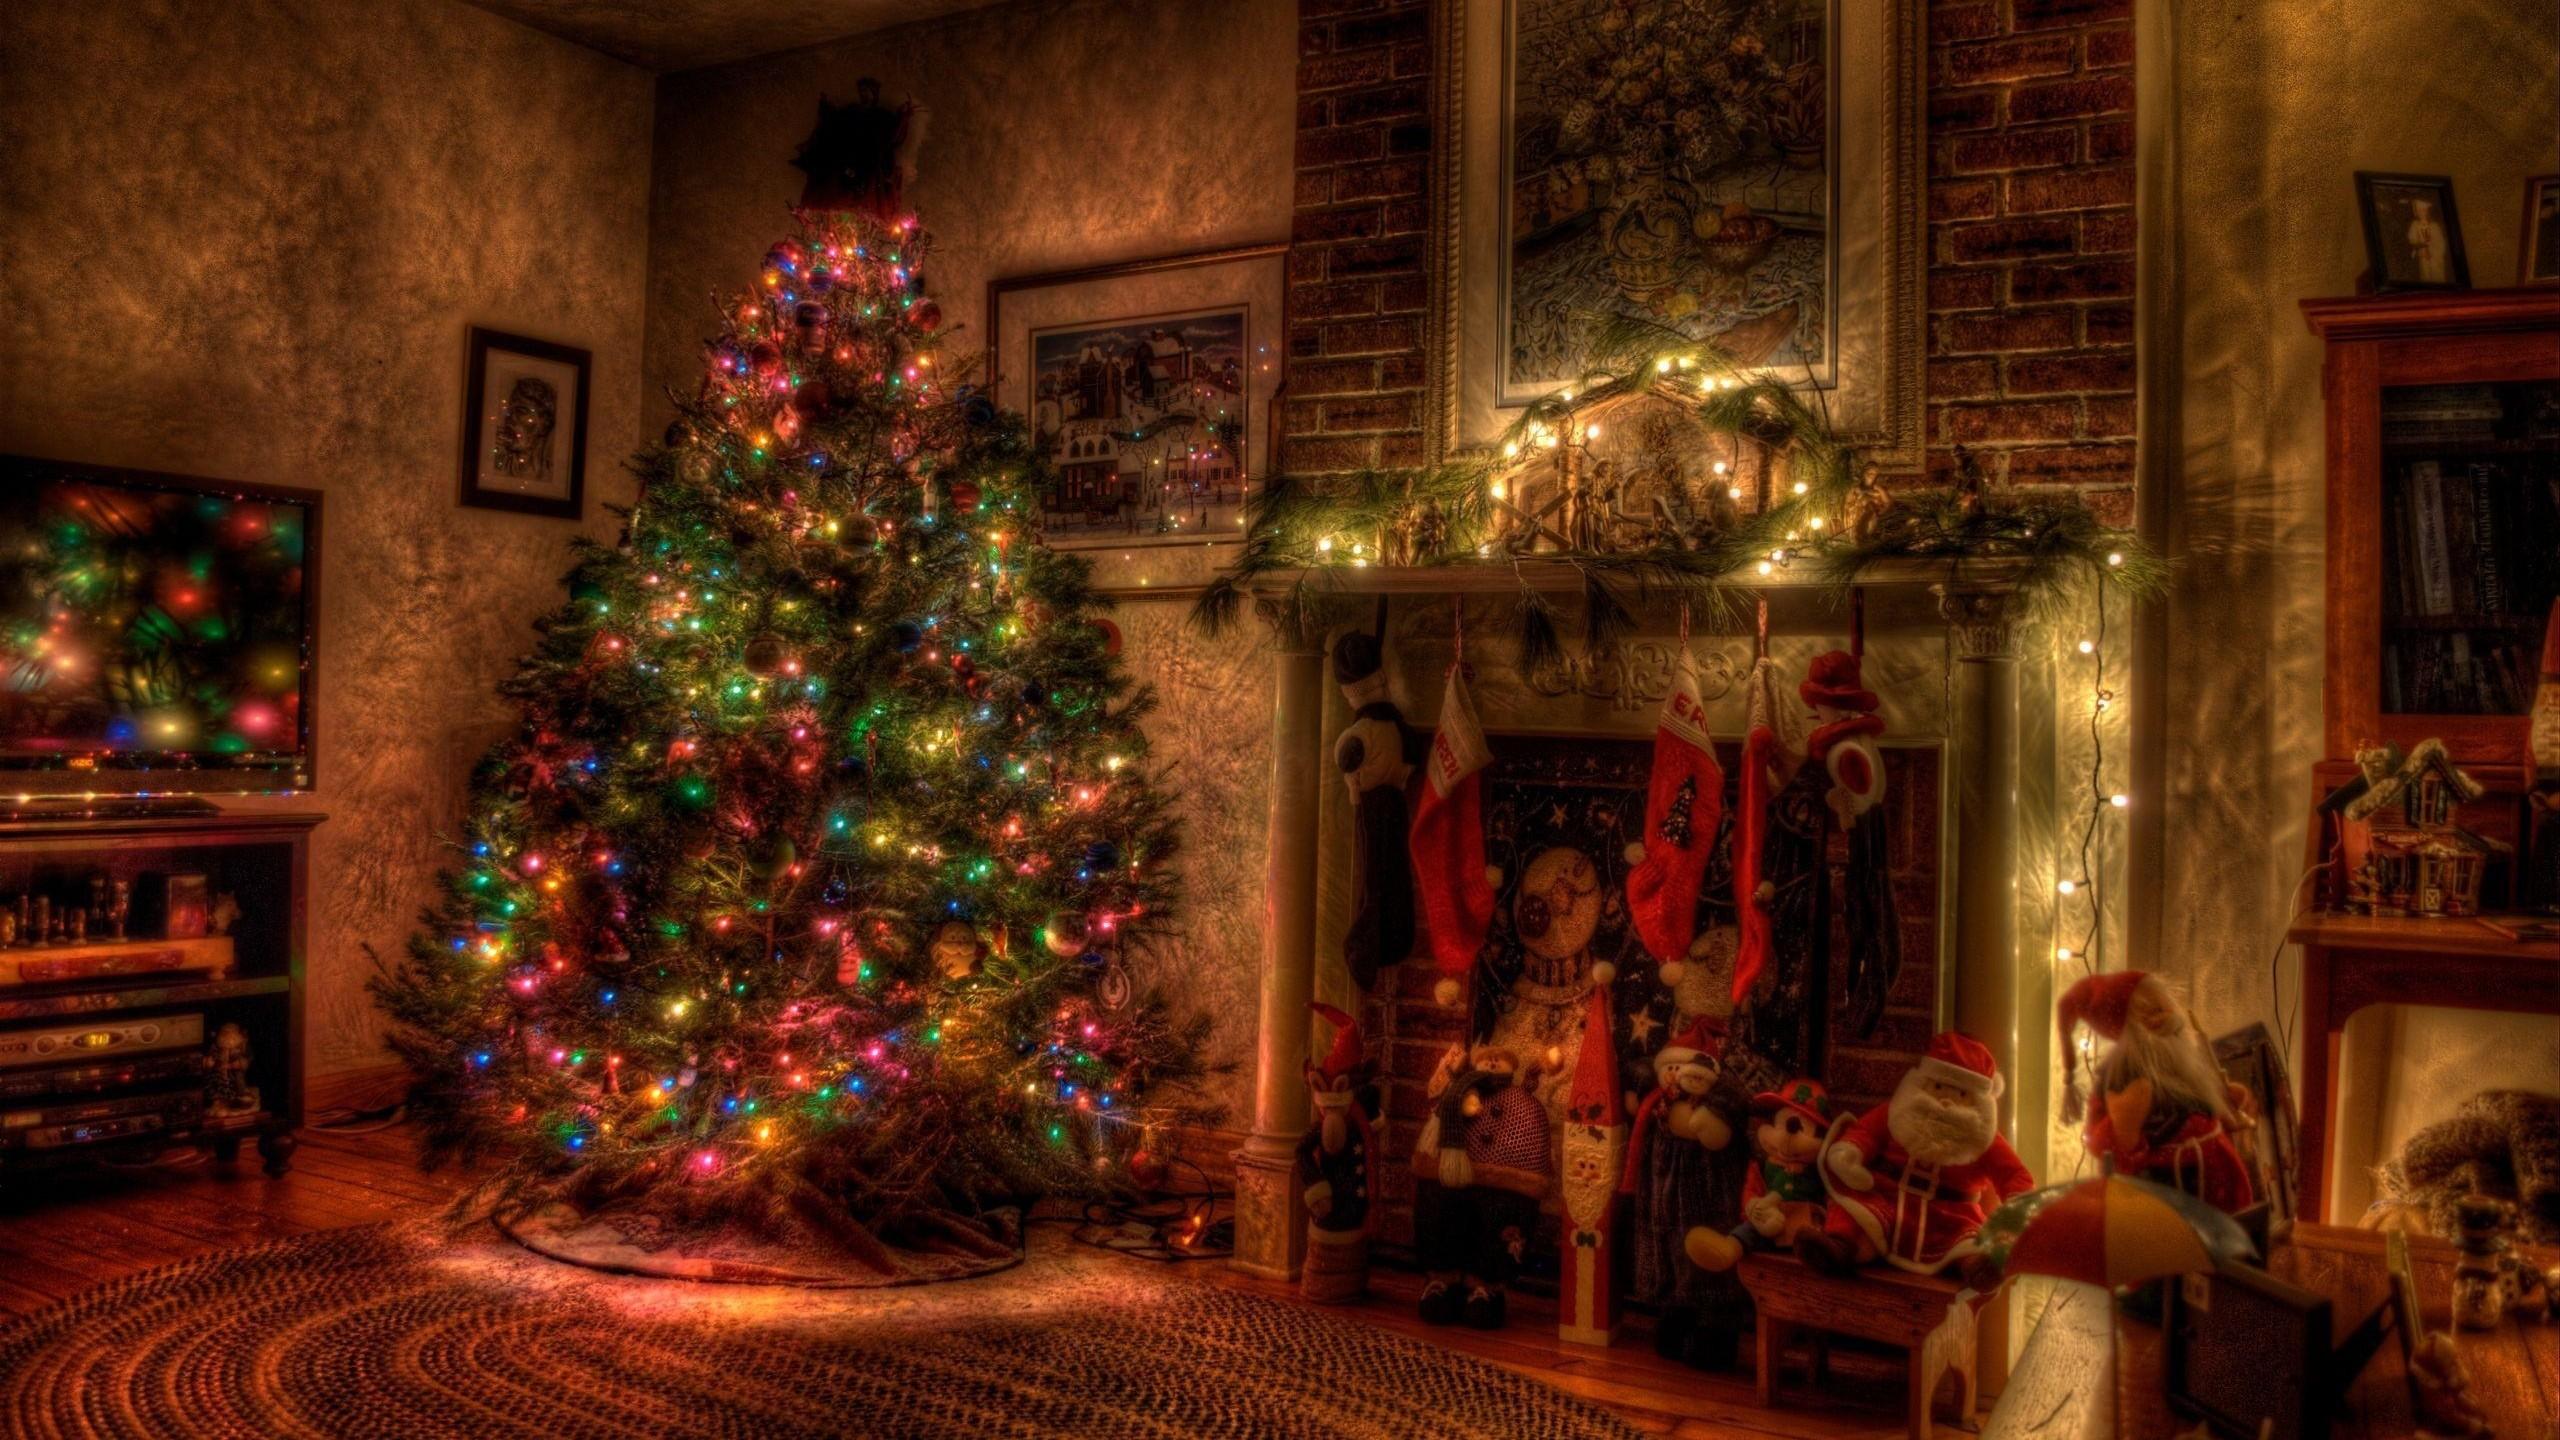 Animated Christmas Fireplace Screensavers (23)